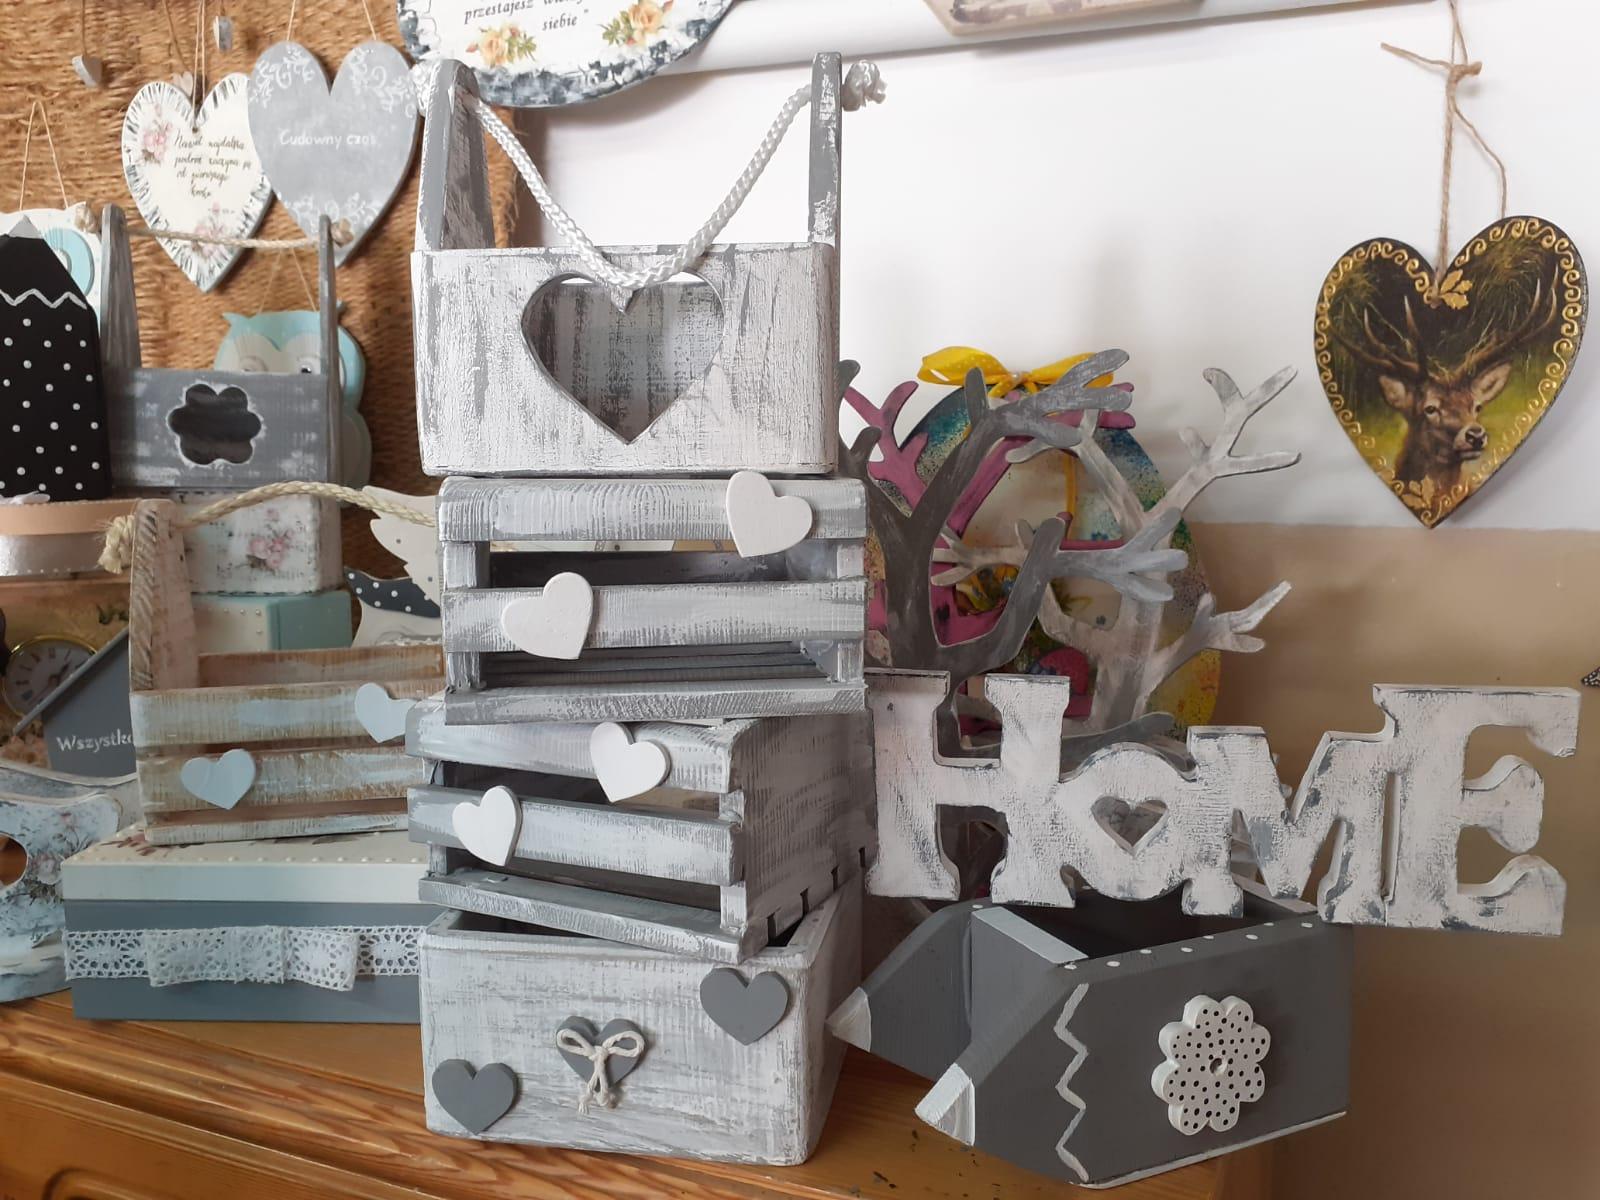 Kącik drewnianych skrzynek, napis Home, pudełeczka drewniane. Wszystko szaro białe z motywem serc